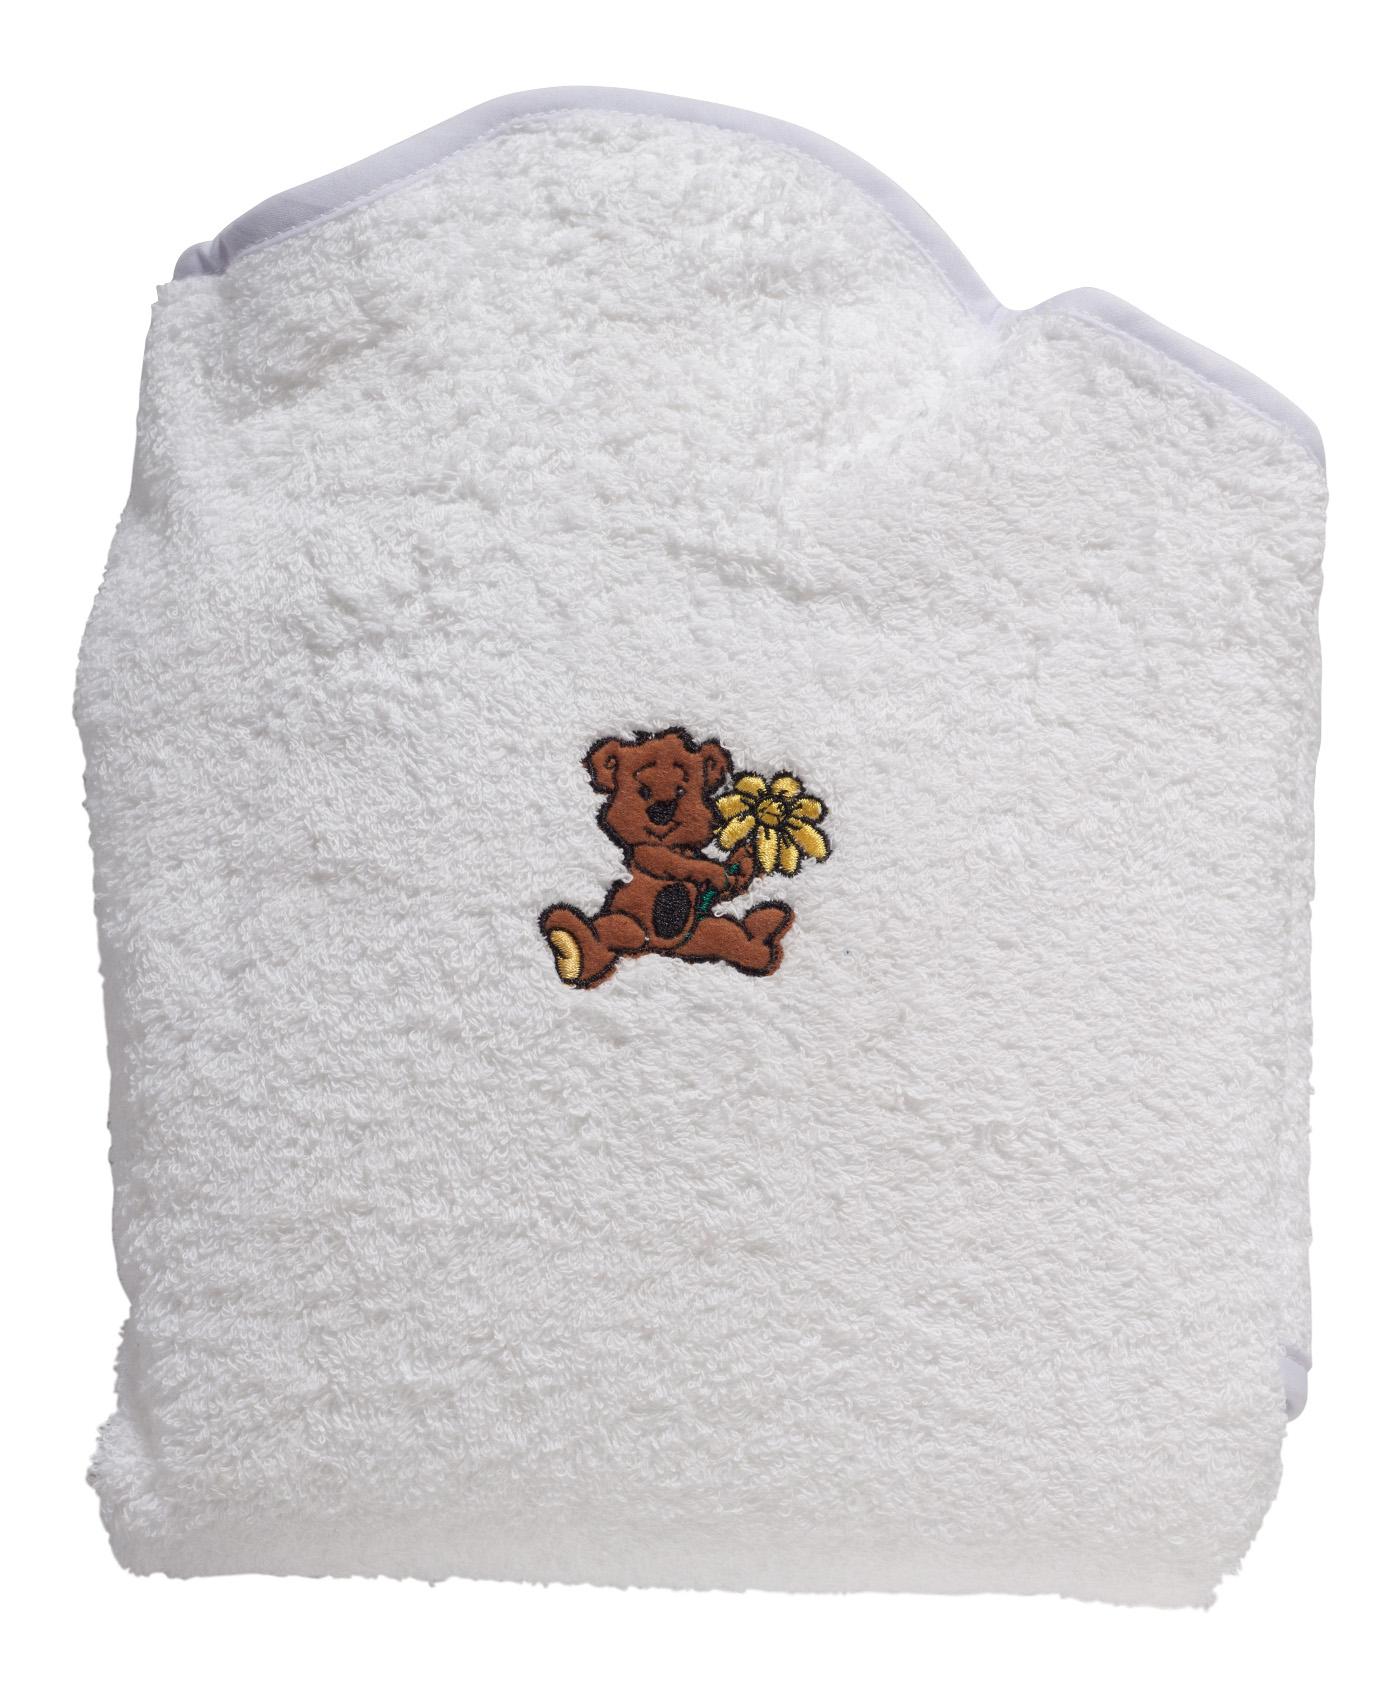 Baby Bath Towel Apron Super Soft 100 Cotton Hands Free Splash Wrap